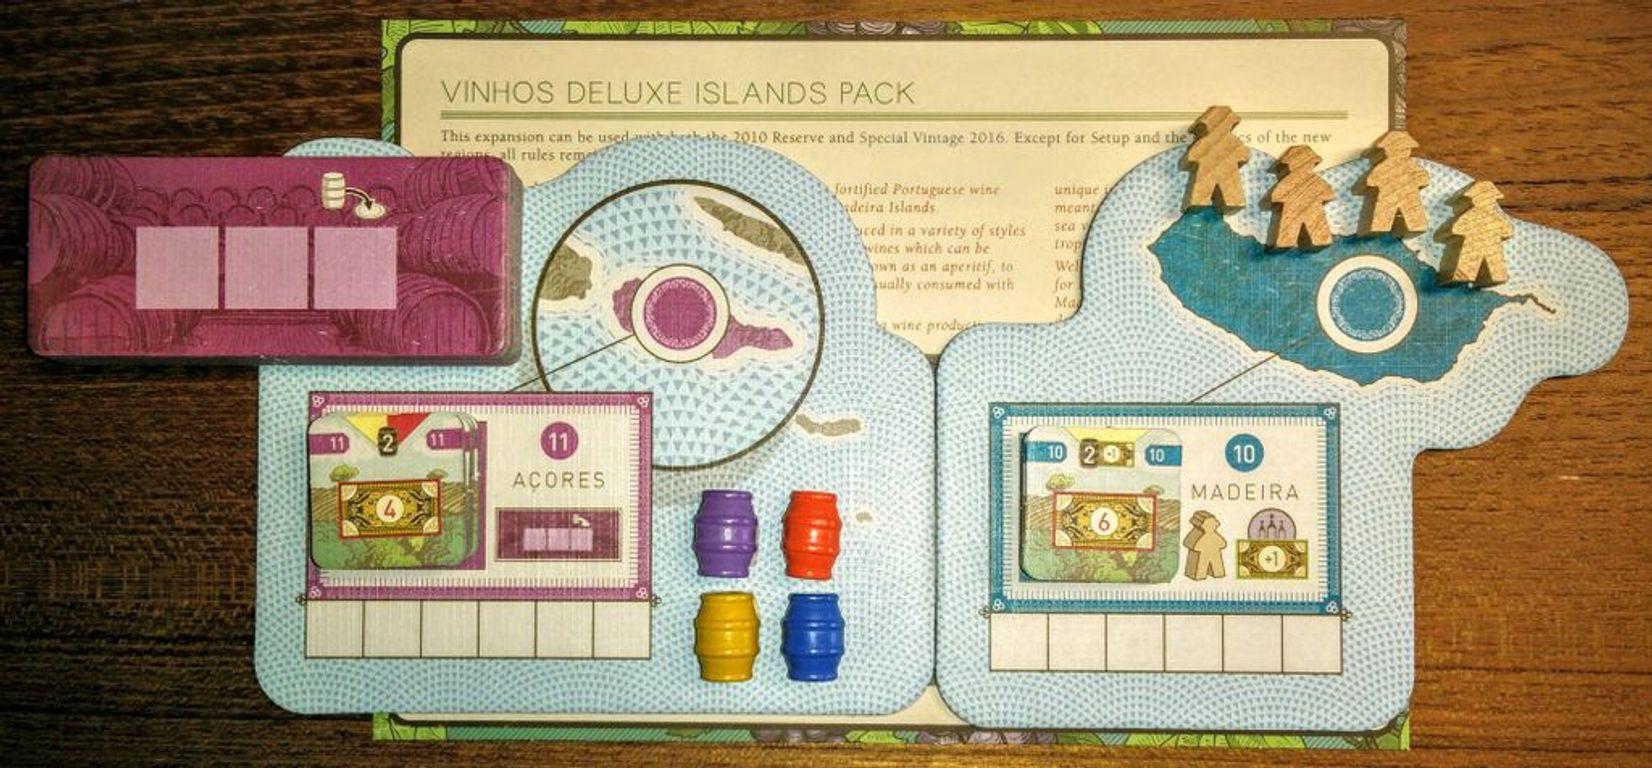 Vinhos+Deluxe+Edition%3A+Islands+Expansion+Pack+%5Btrans.components%5D